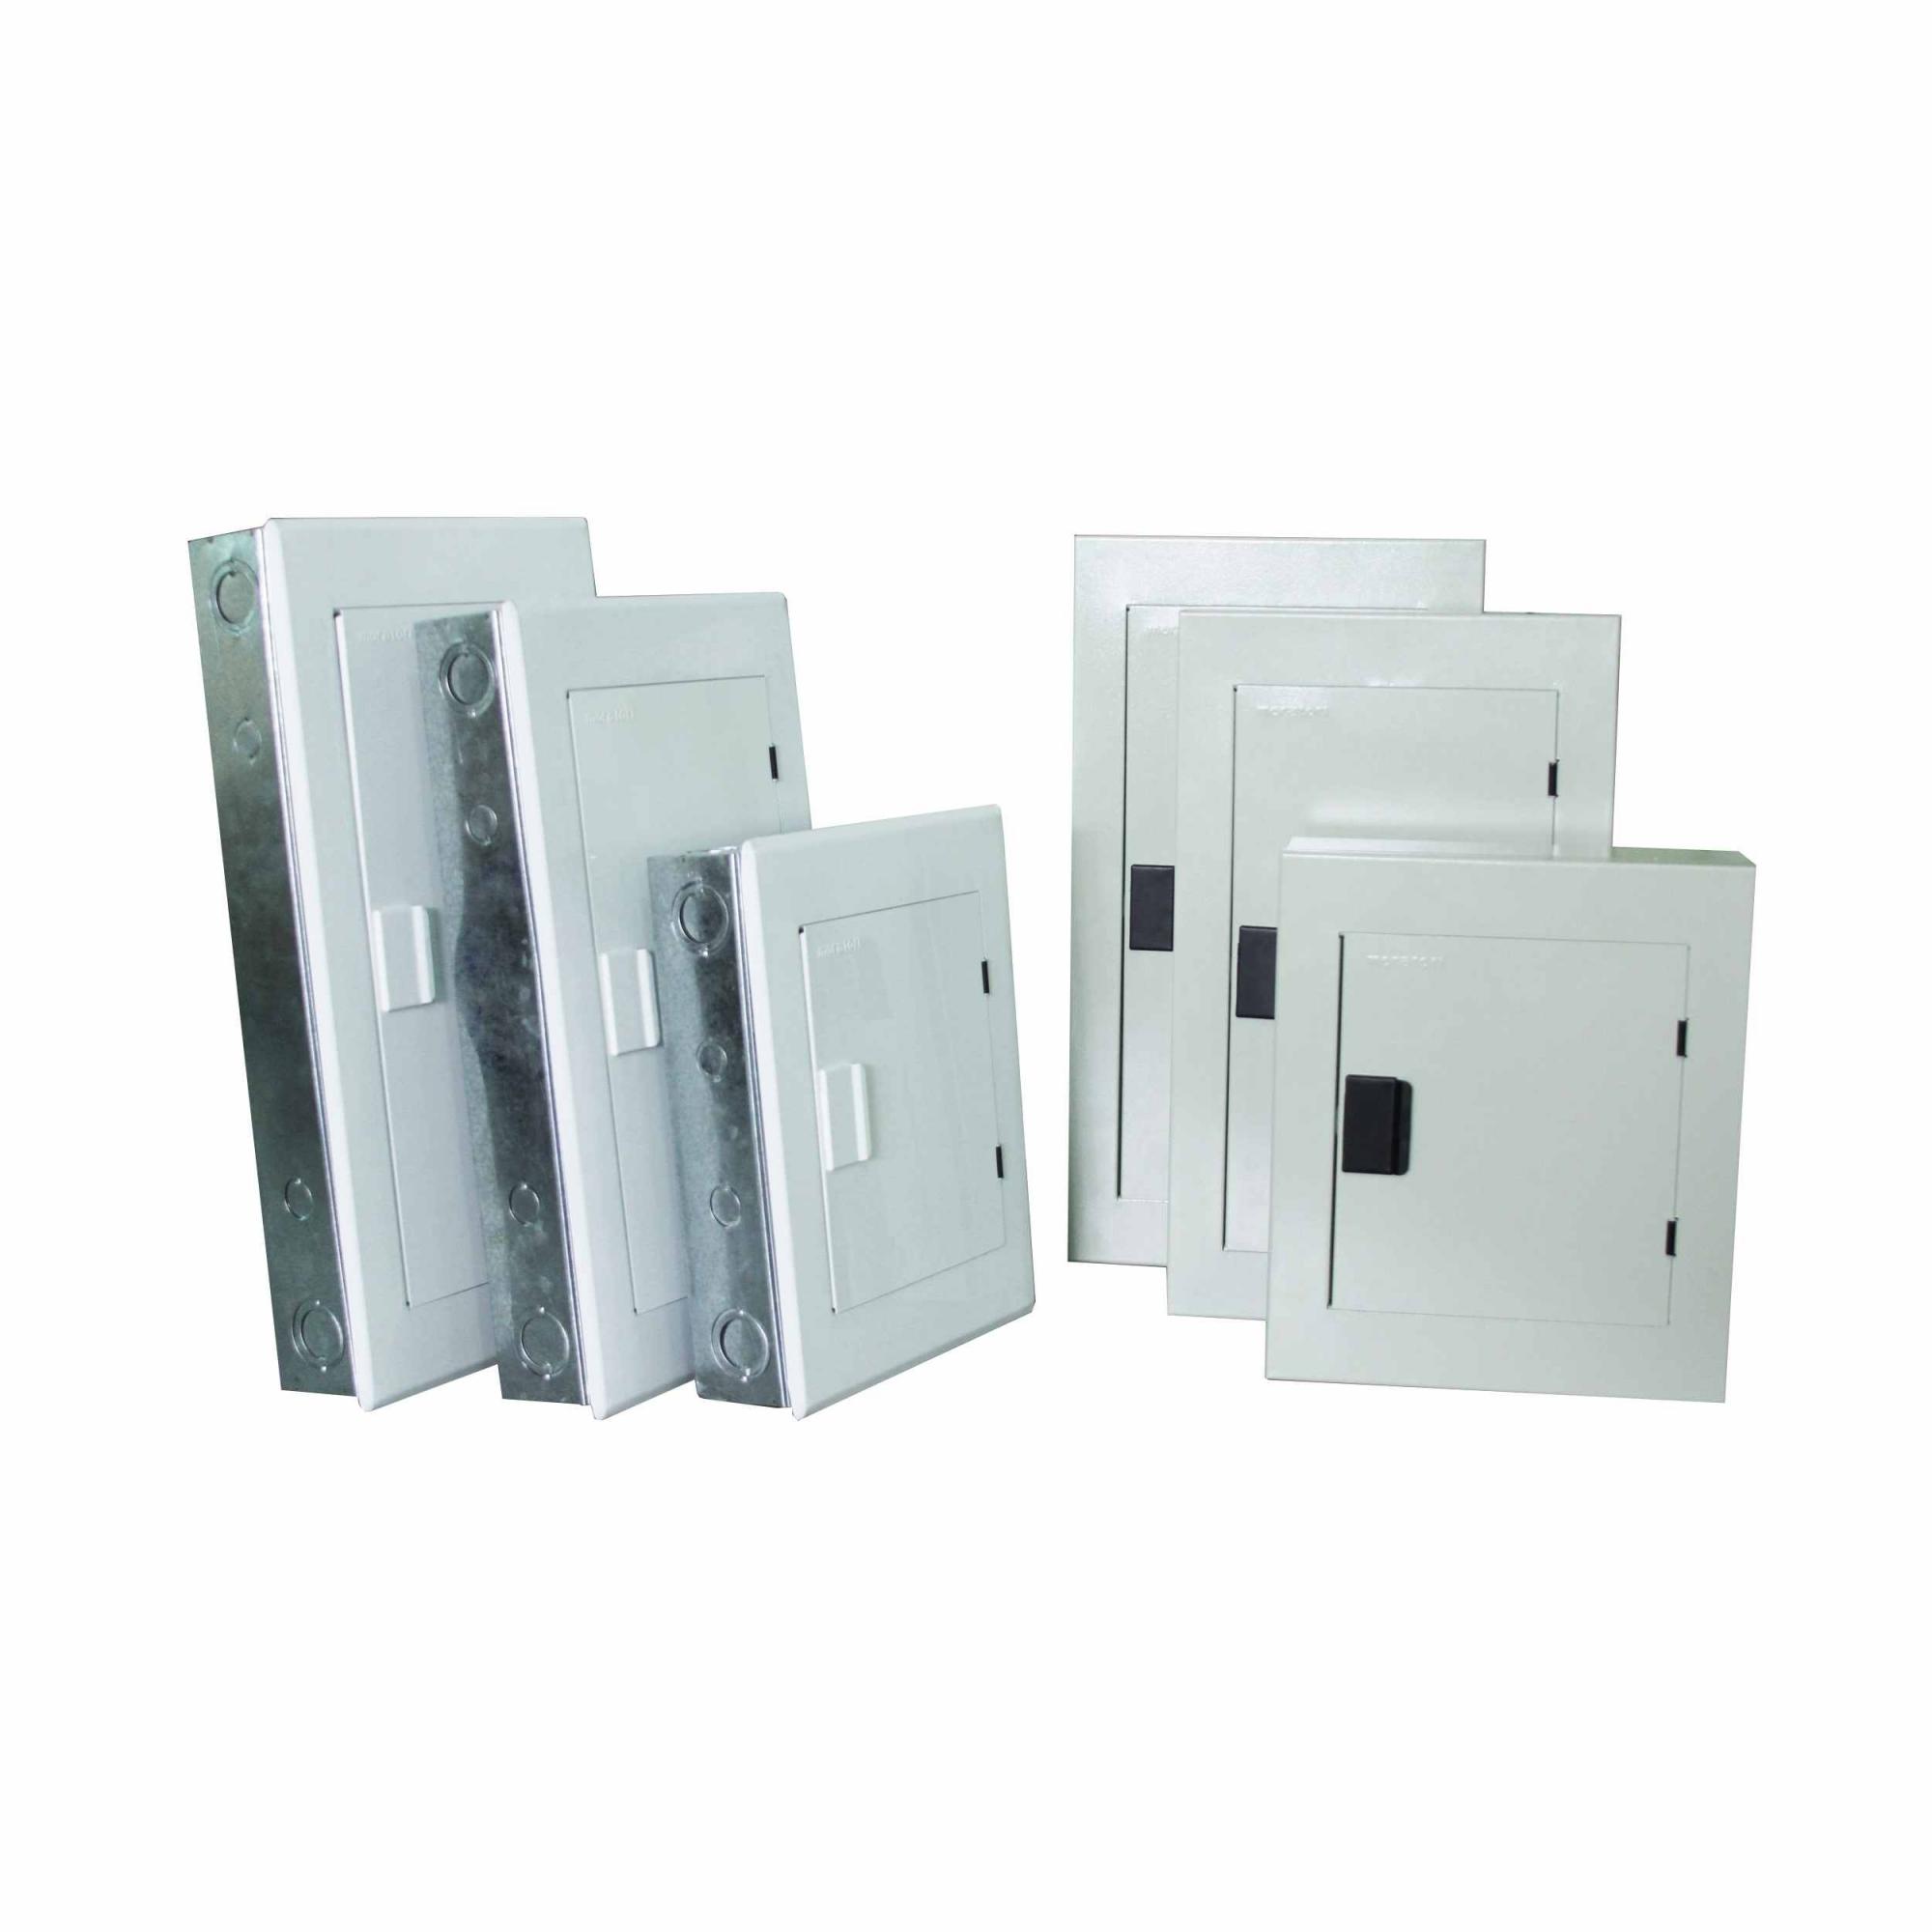 Quadro De Distribuição Sob Metal 18 Disj C/ Barr 100a